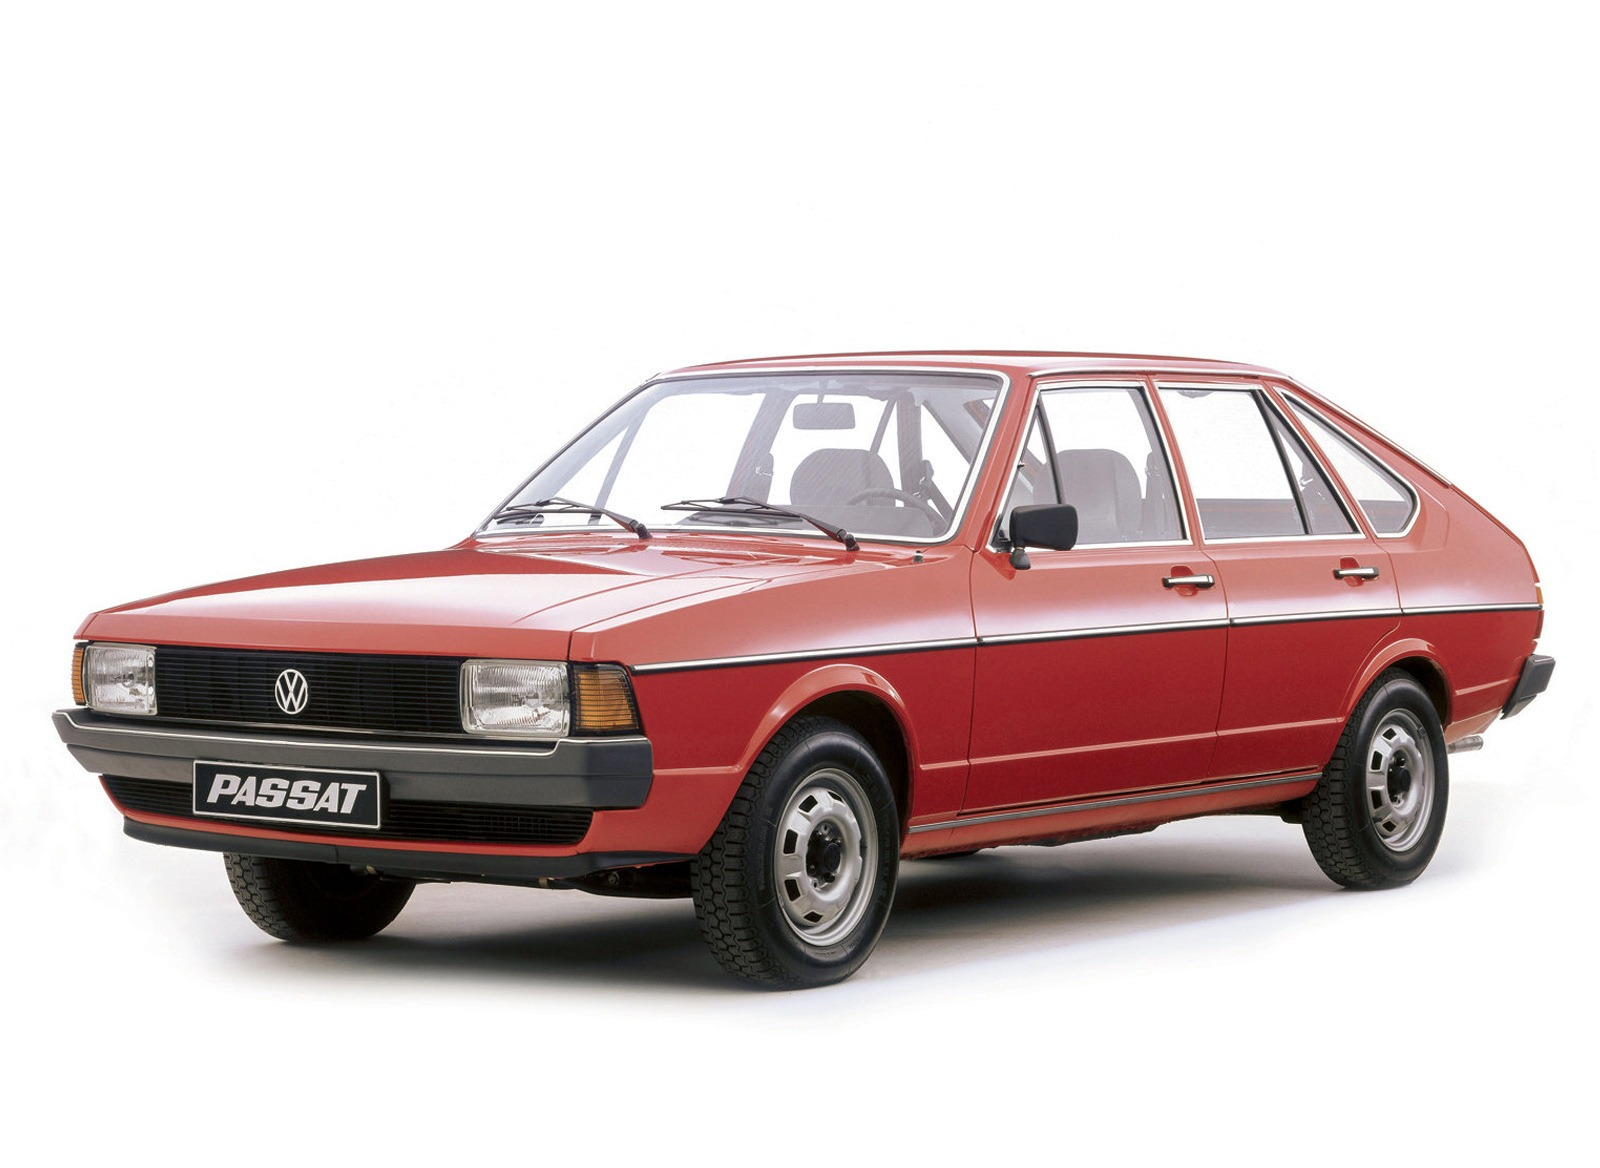 19.05.2017 21 мая 1973 года была представлена первая модель Volkswagen Passat B1